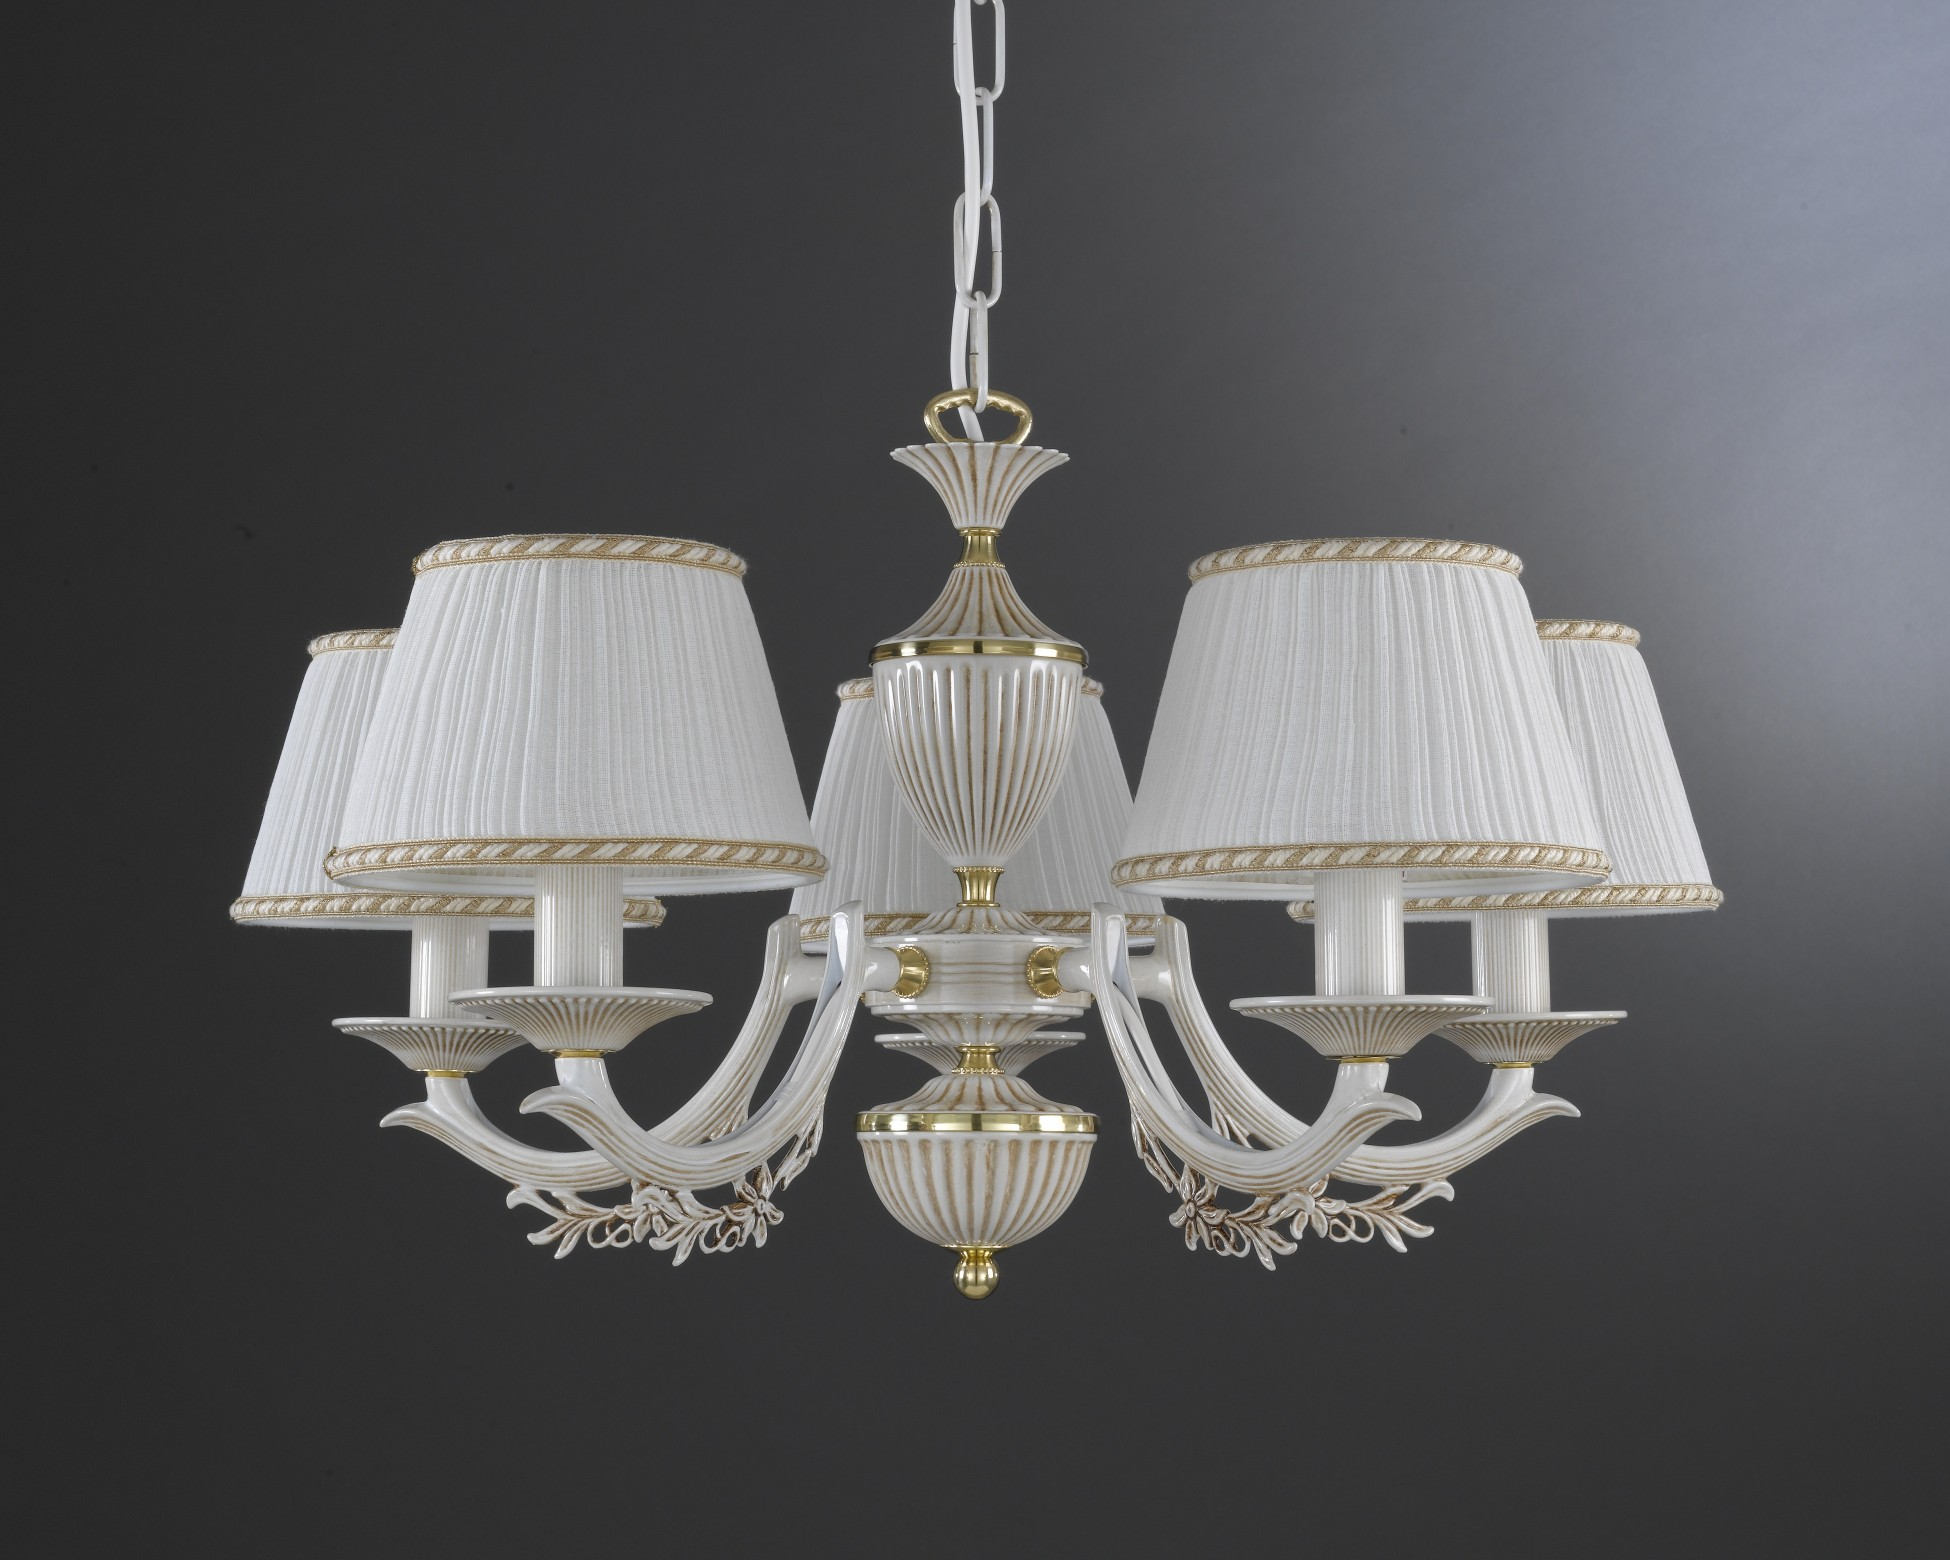 Lampadario Antico Ottone : Lampadario in ottone bianco antico con paralumi a luci